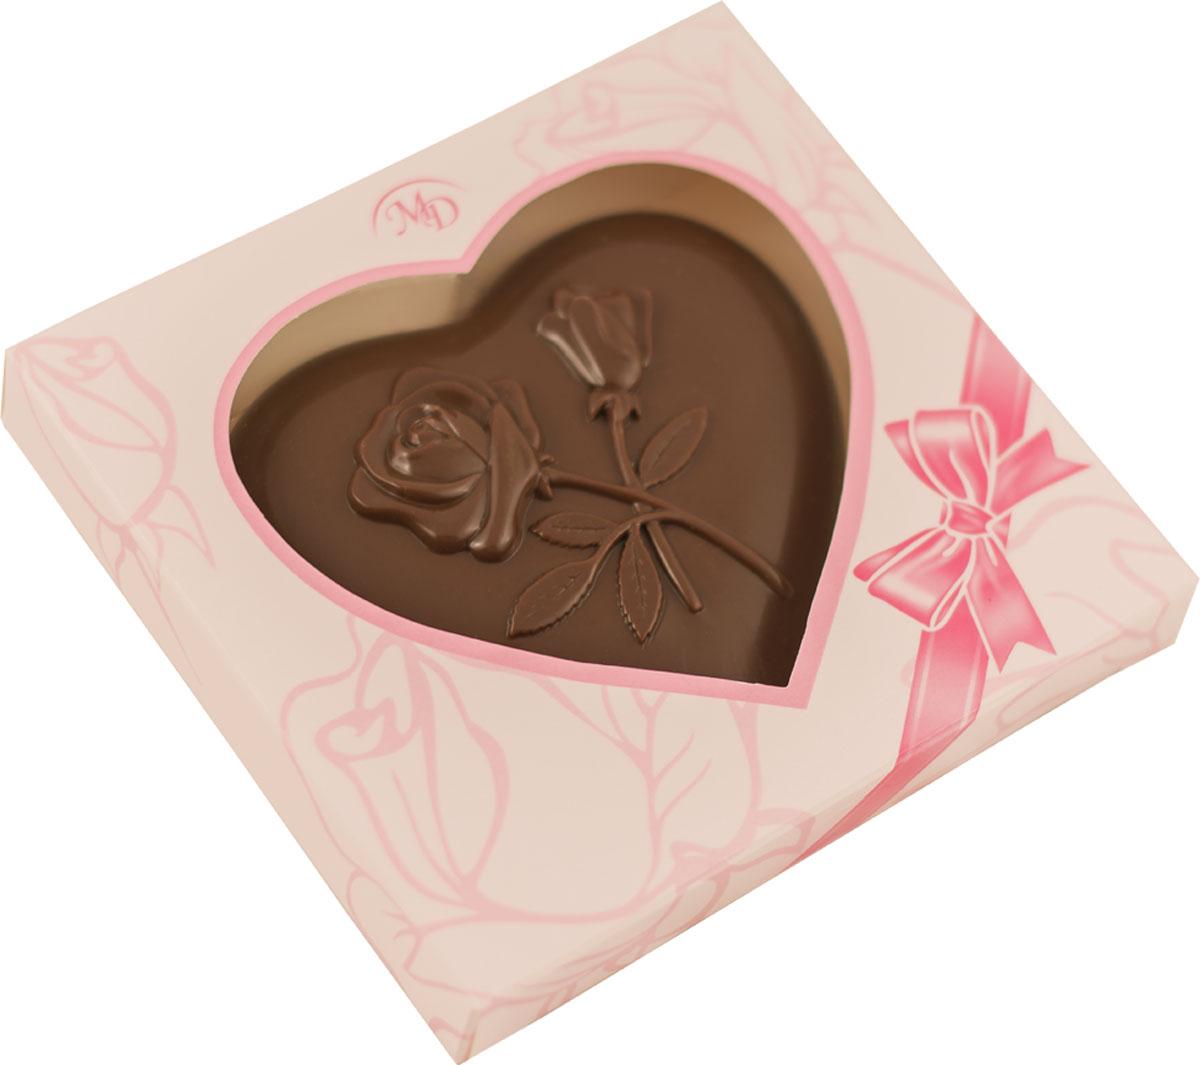 Монетный двор Сердце шоколадная фигура, 100 г3406_розовая упаковкаШоколадная фигура Сердце изготовлено по рецепту натурального классического шоколада на основе какао-масла. Шоколад, из которого сделана фигурка — исключительно высшего качества и был приготовлен по правильной технологии. Чтобы все полезные свойства сохранились и в конечном продукте — то есть шоколадной фигурке, осуществляется тщательный контроль на всех этапах производства с применение развитых технологий. Такой шоколад обладает очень приятным вкусом.Символичный подарок для настоящих романтиков! Вручите это шоколадное сердце своей второй половине, приведя её (или его) в полный восторг.